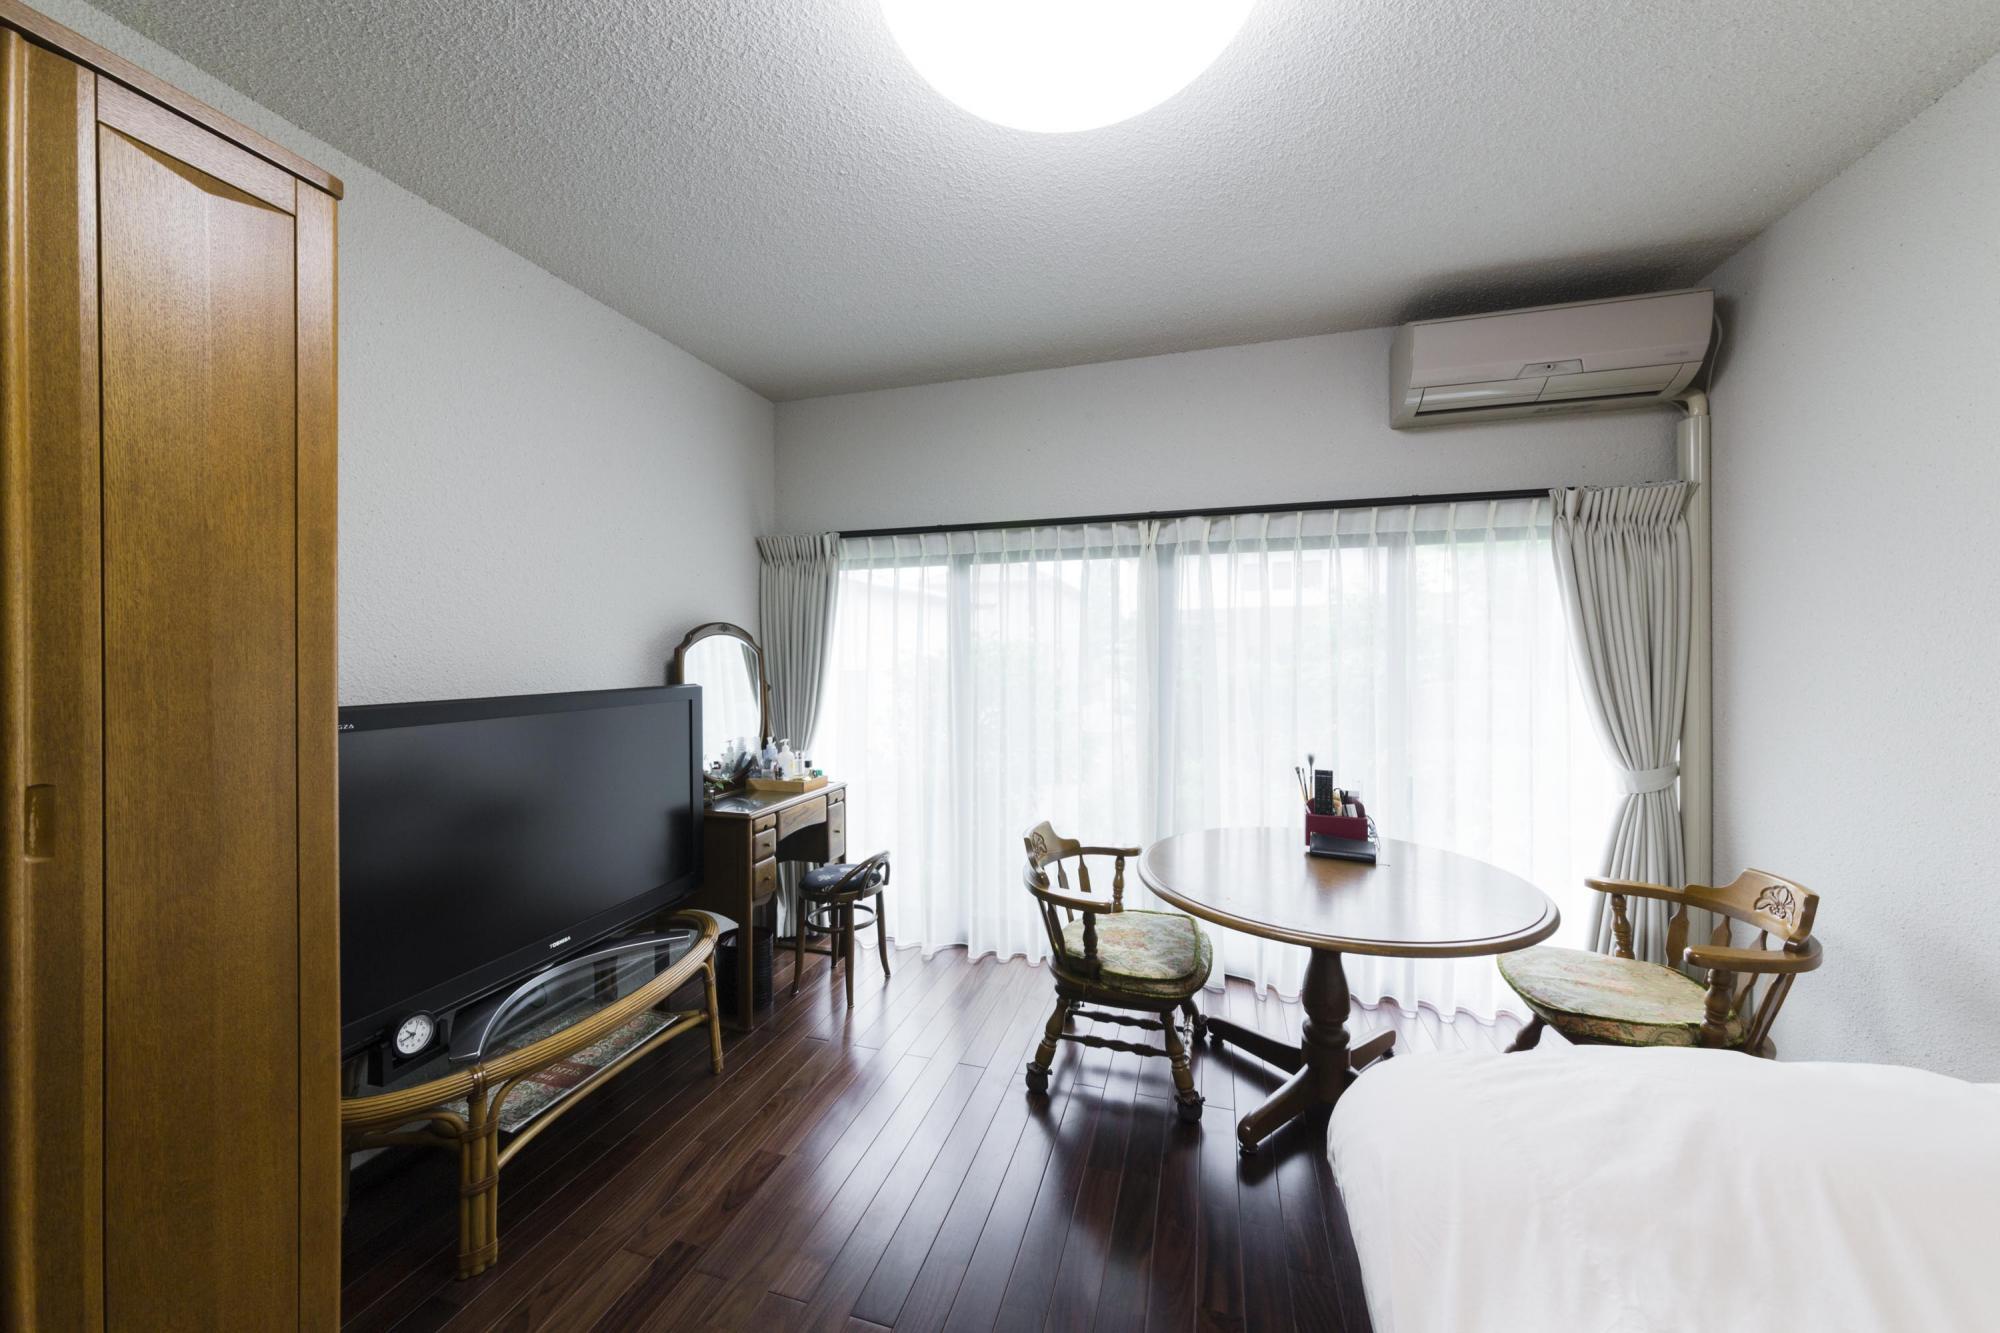 以前はリビングとして使っていた部屋を寝室にした。大きな開口部を設けて明るくし、複層ガラスで断熱性も大幅に高めた。